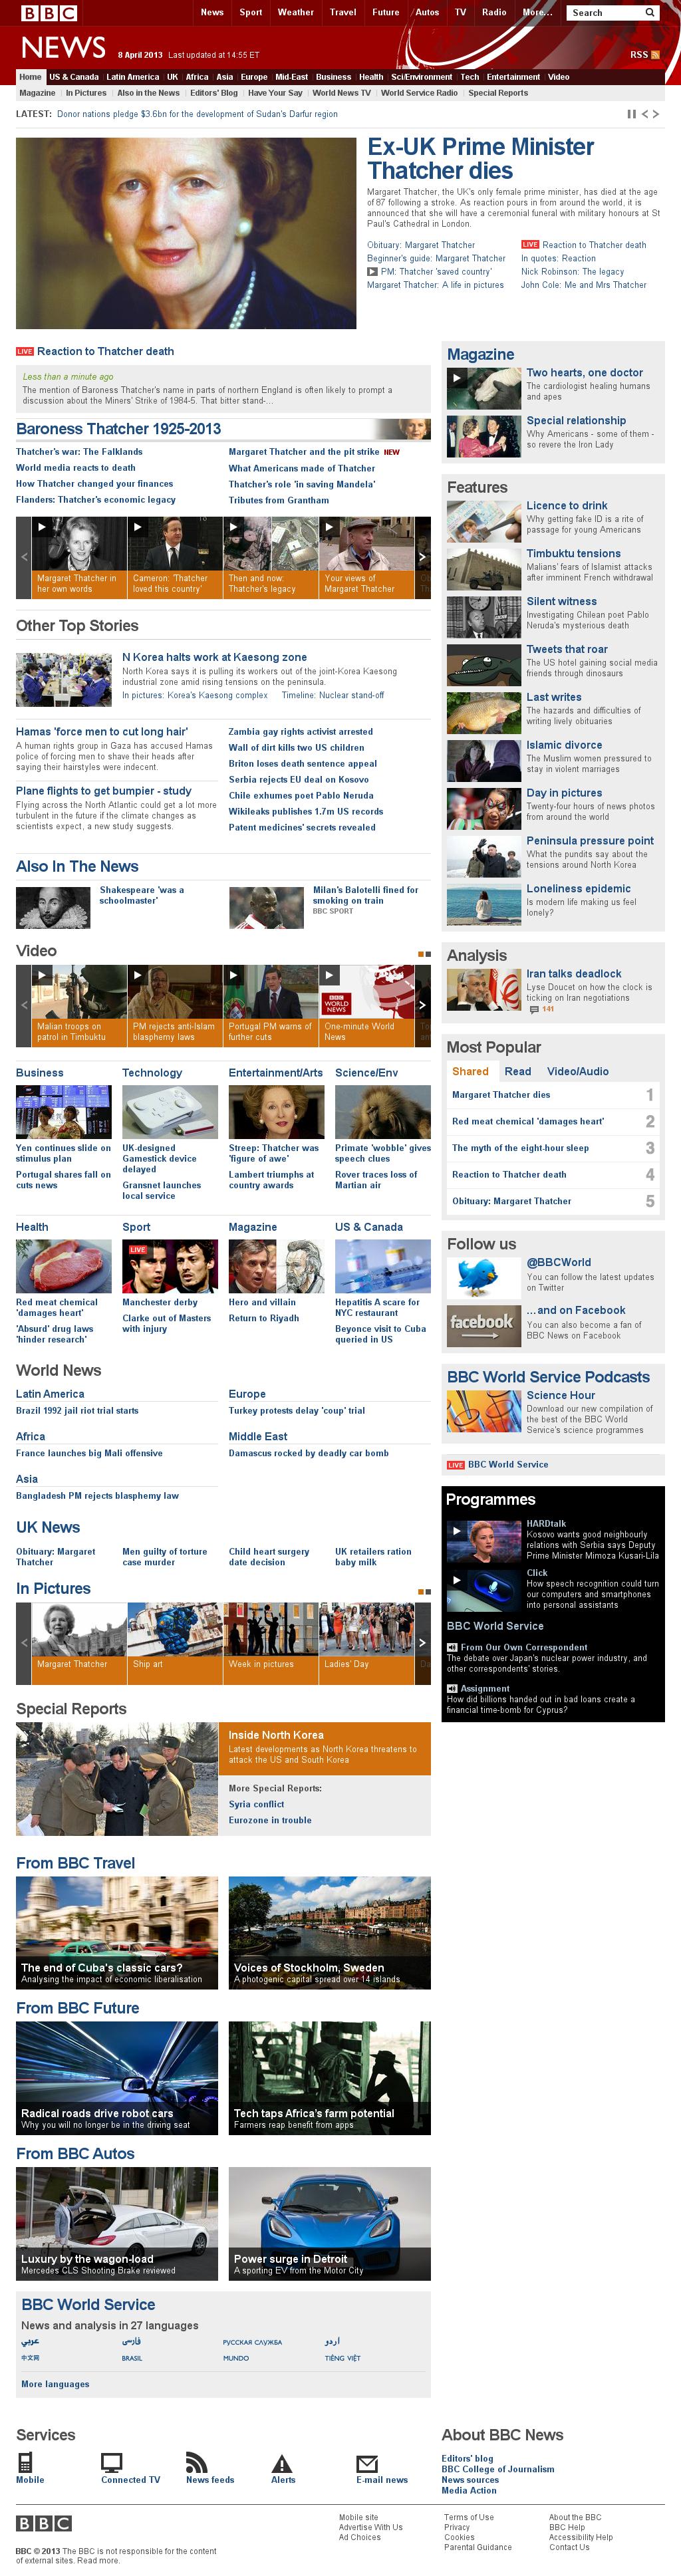 BBC at Monday April 8, 2013, 7:01 p.m. UTC